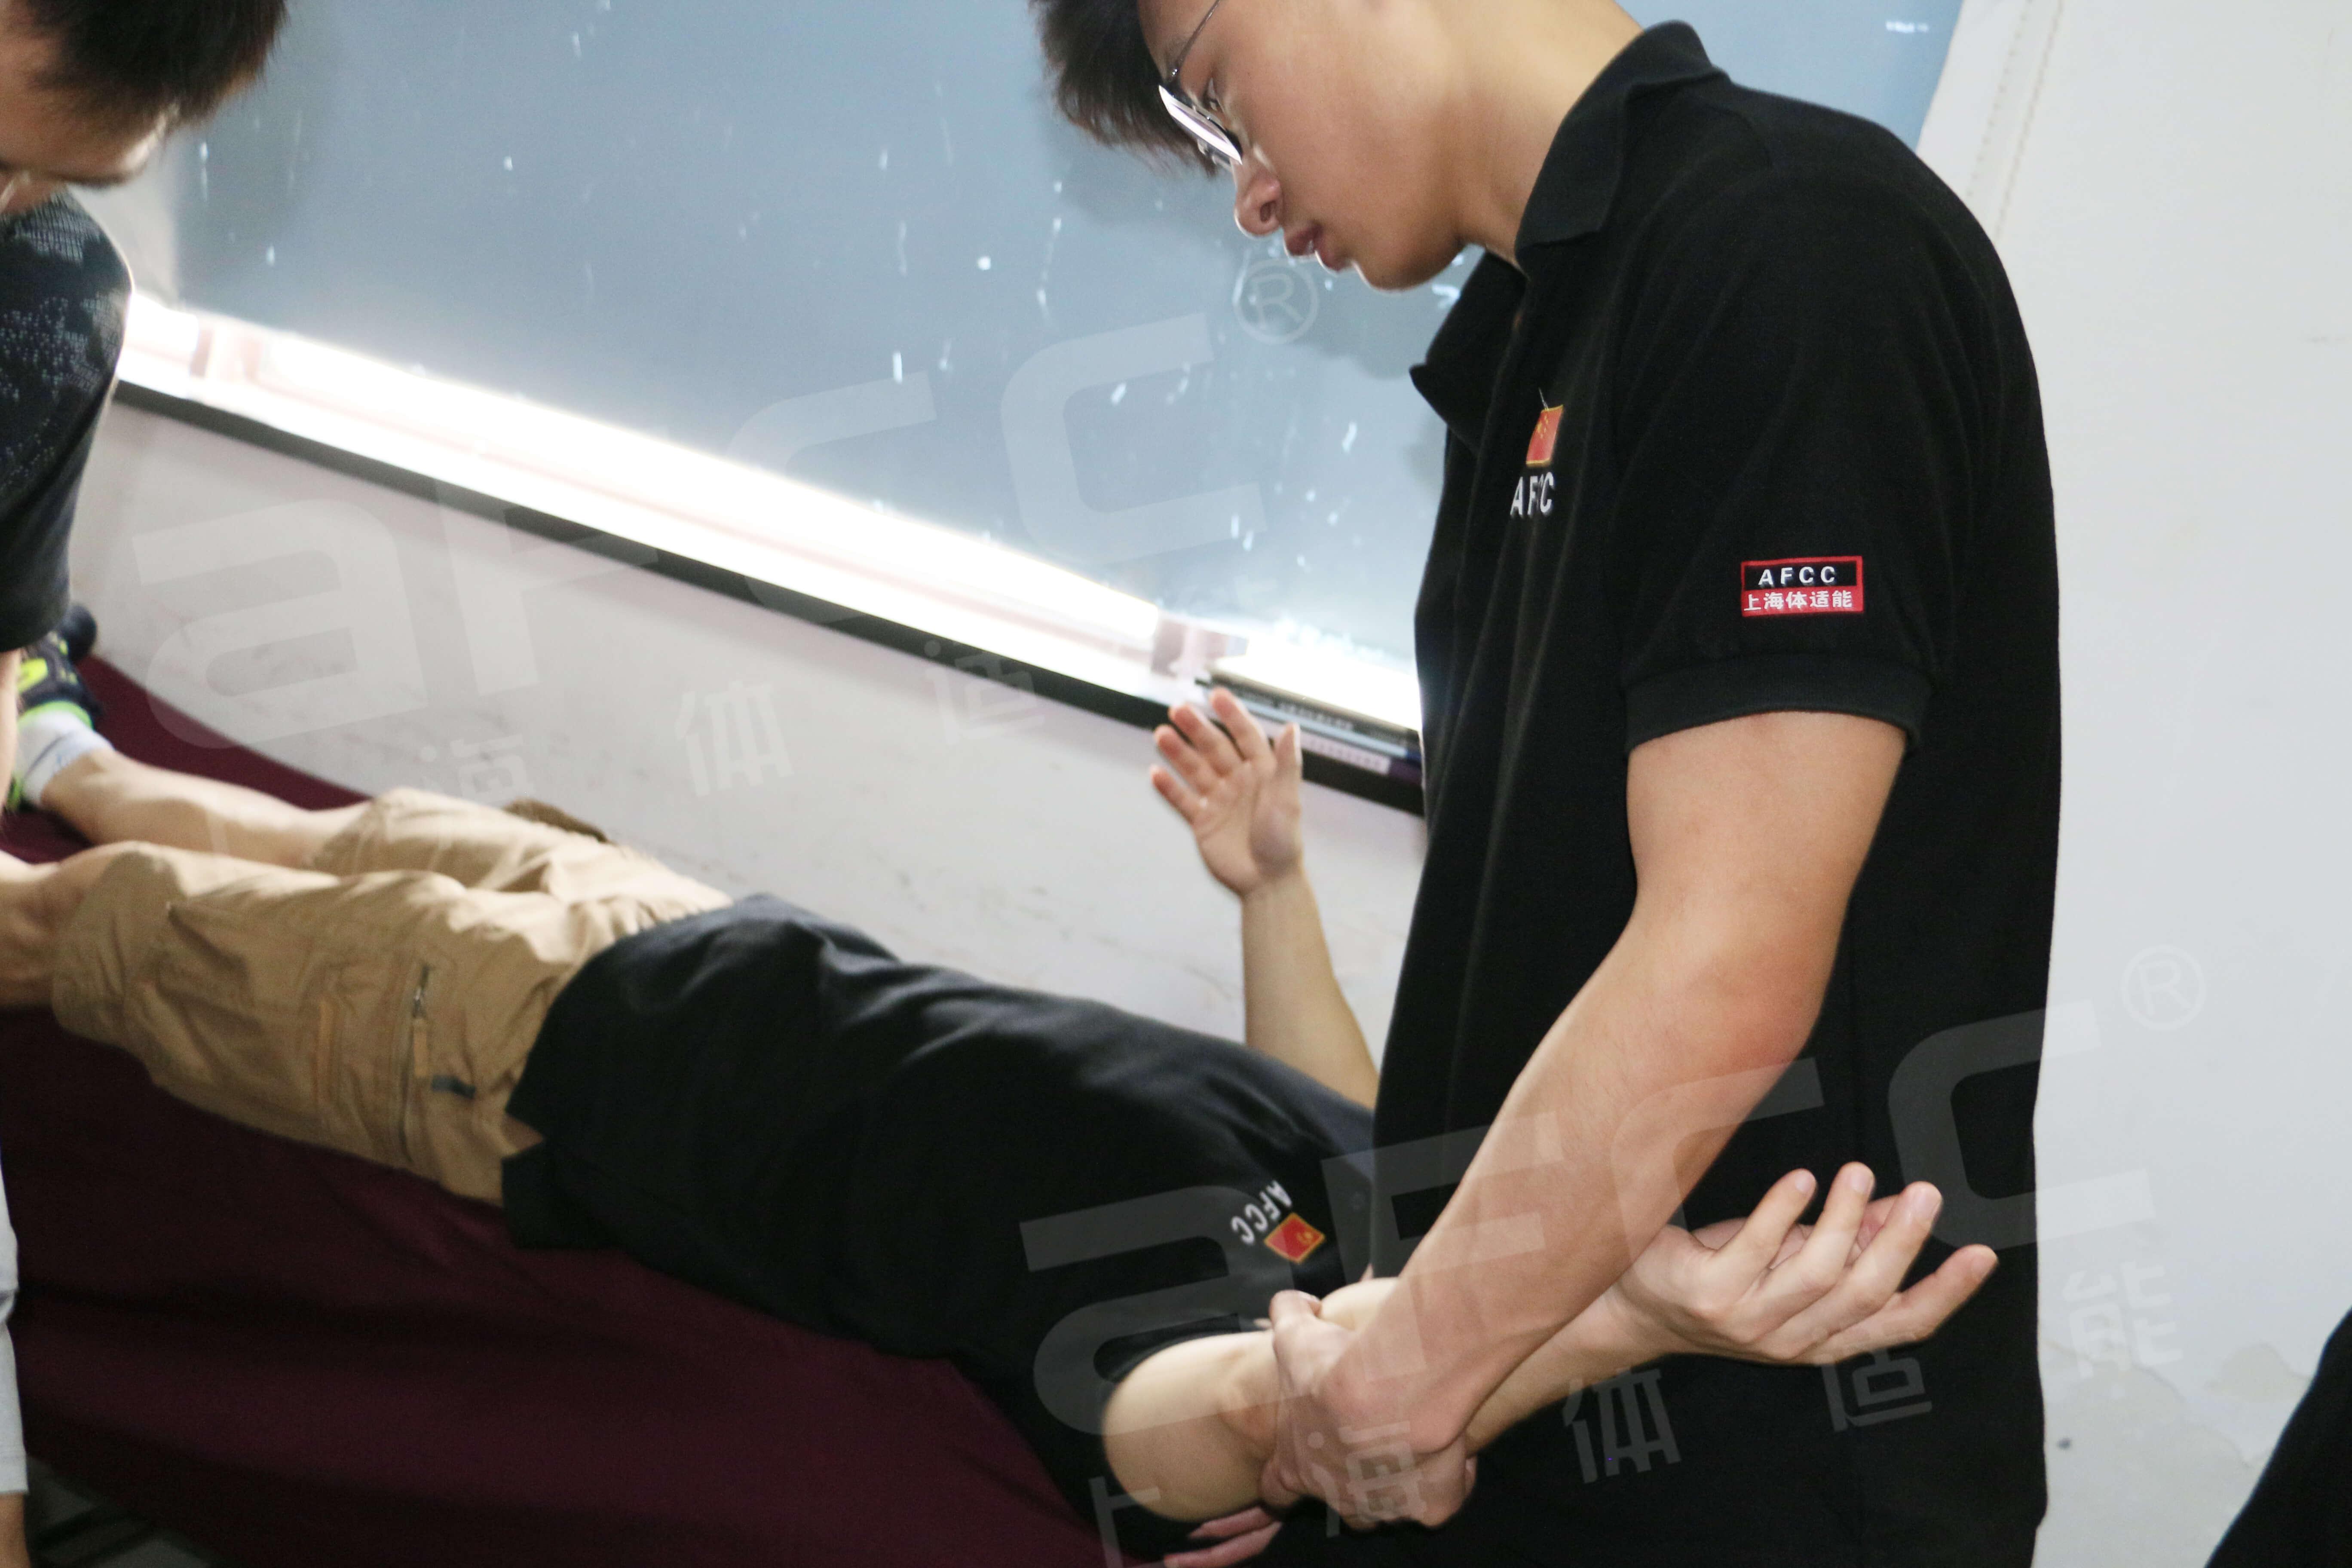 3M拉伸再配合施以特定的手法,以增加关节的活动范围